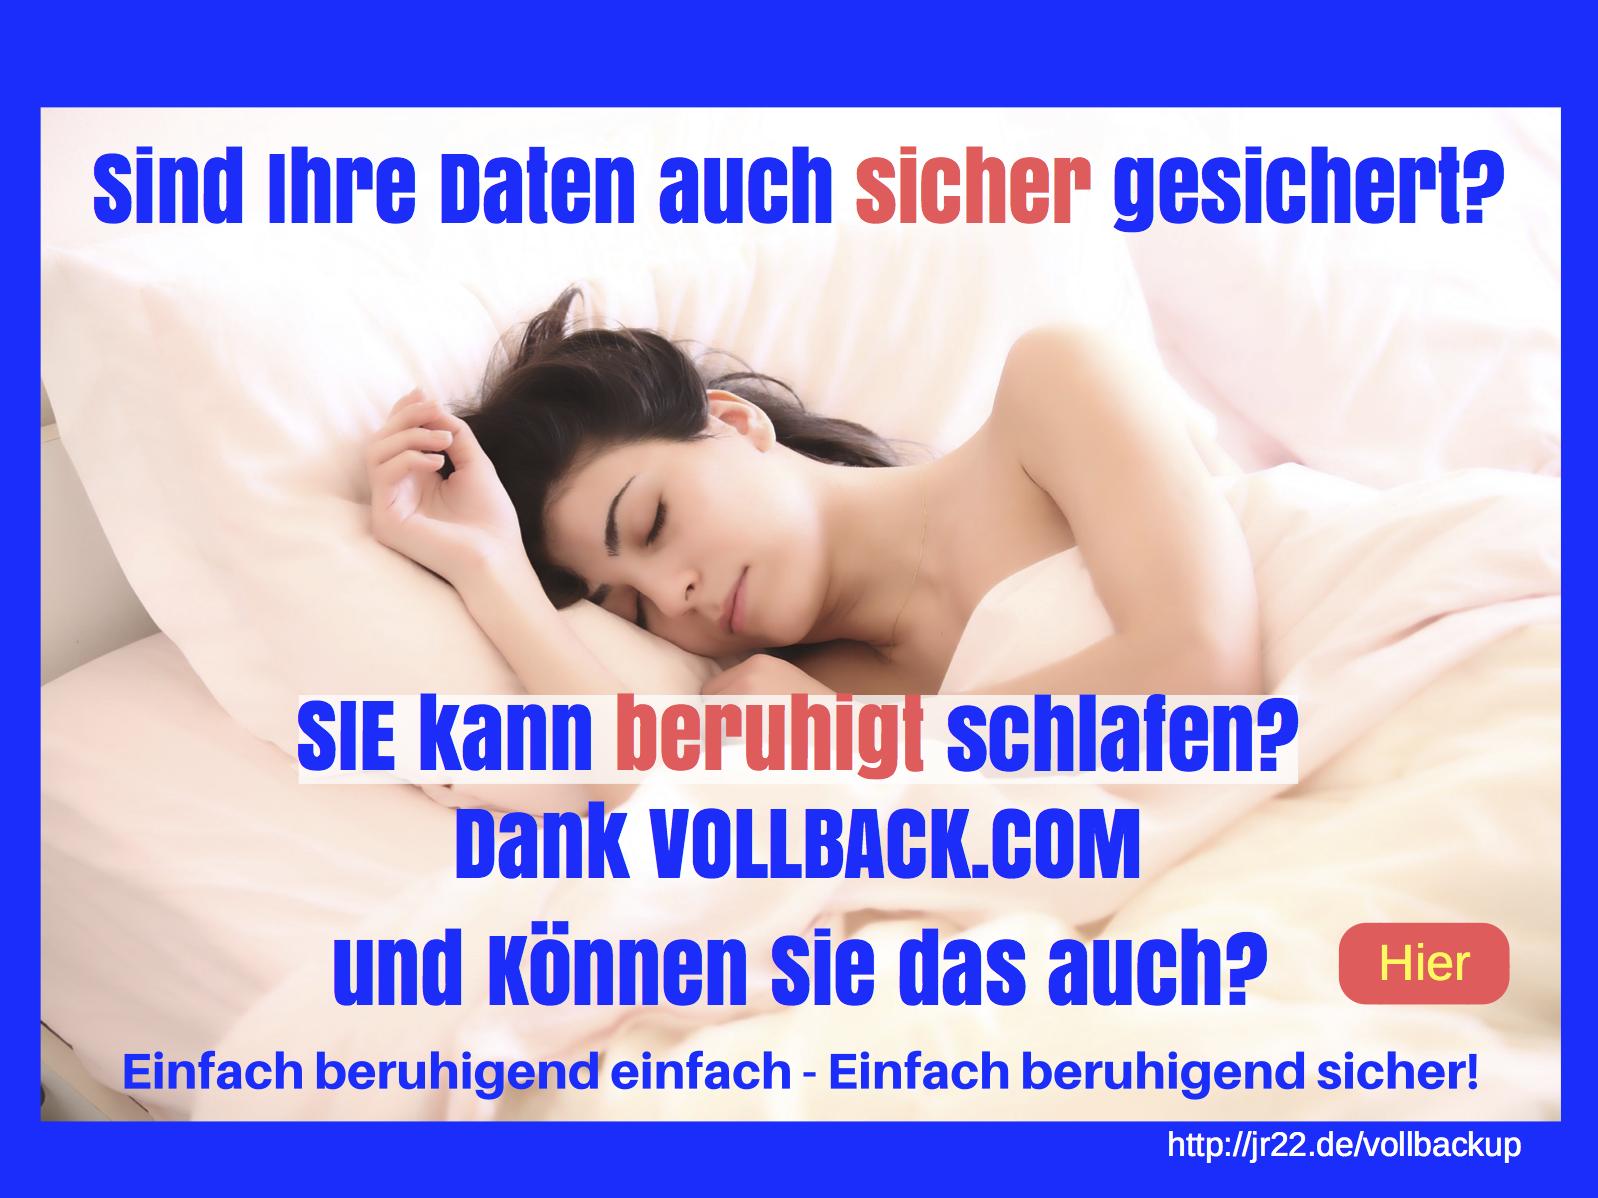 Sie kann beruhigt schlafen? Dank Vollbackup.com